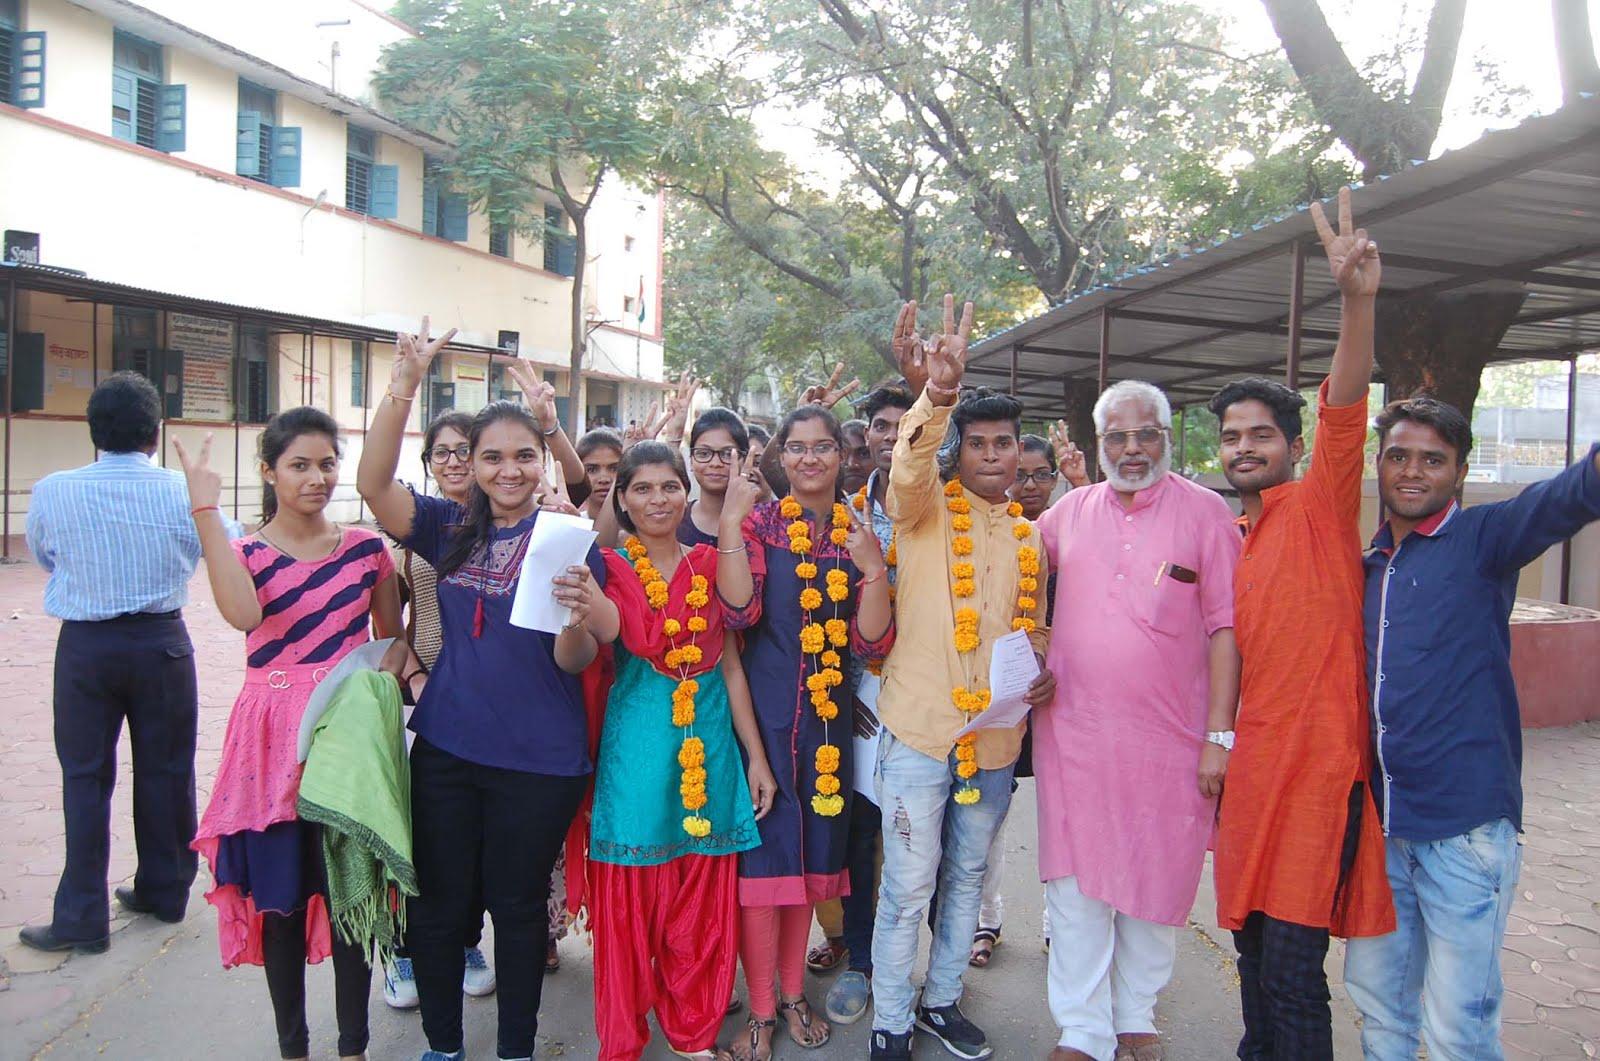 झाबुआ पीजी काॅलेज में विद्यार्थी परिषद की ऐतिहासिक जीत-Vidyarthi-Parishad-win-elections-in-Jhabua-district-college